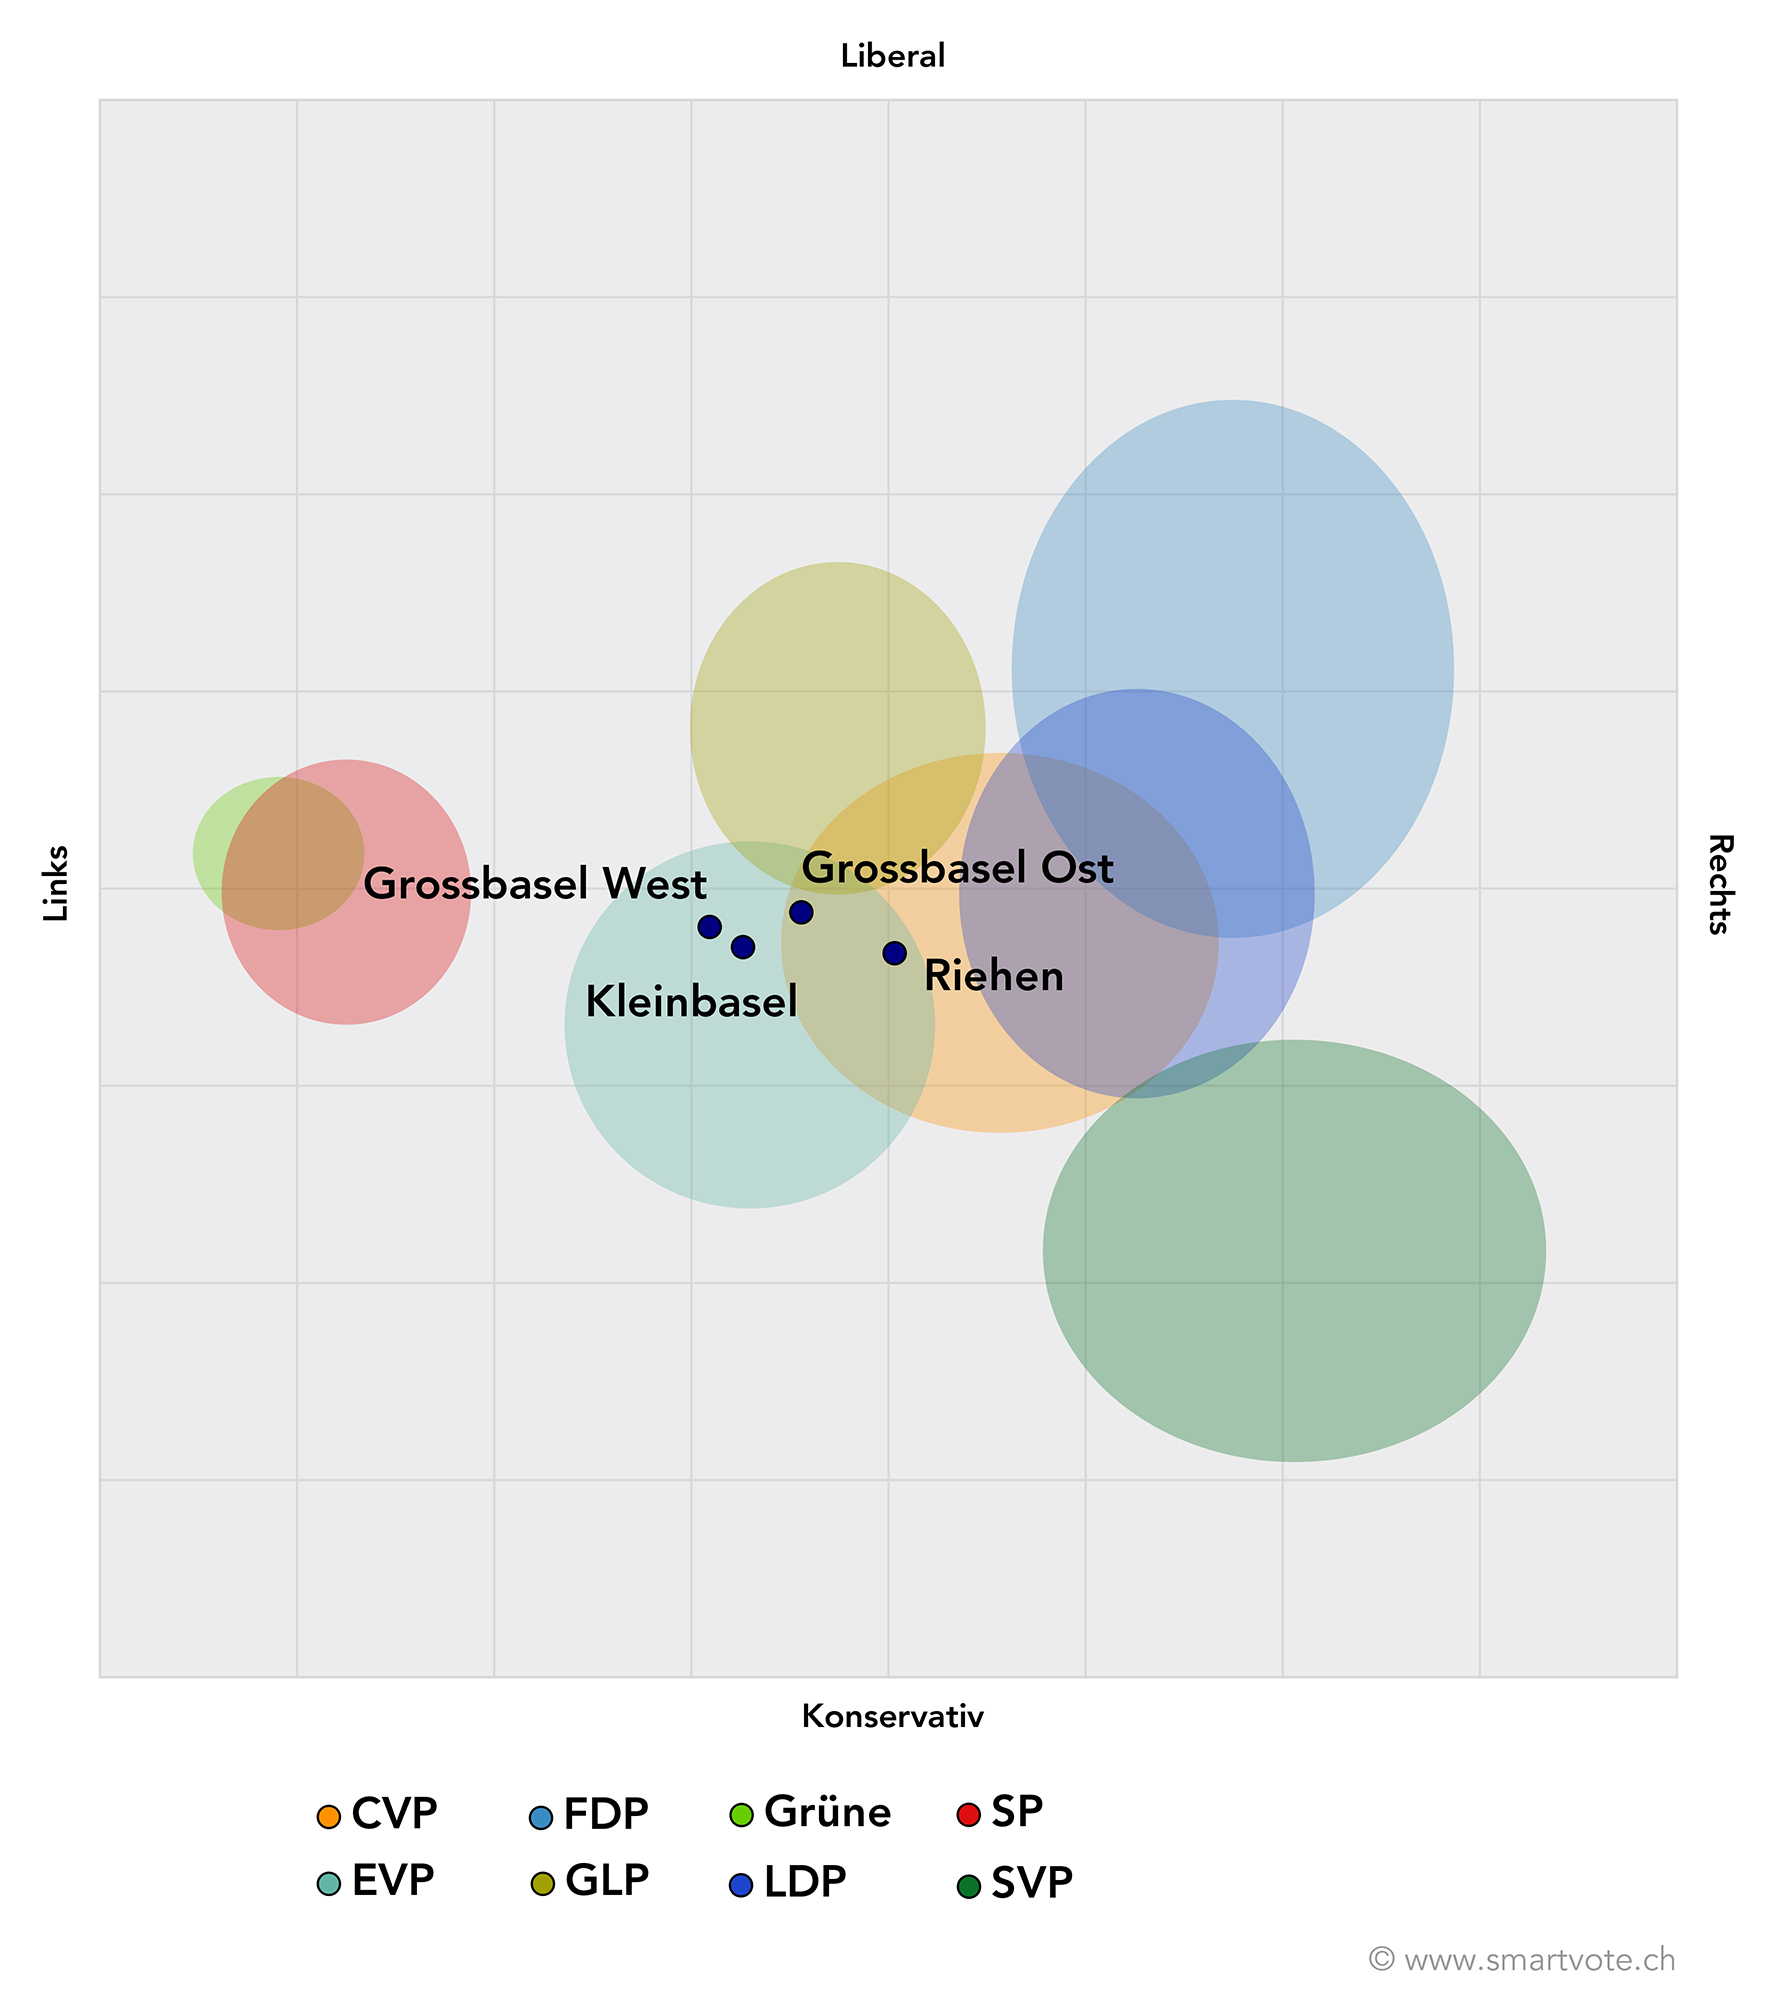 So stehen die Parteien auf der Smartmap – und so positionieren sich die vier Wahklreise.